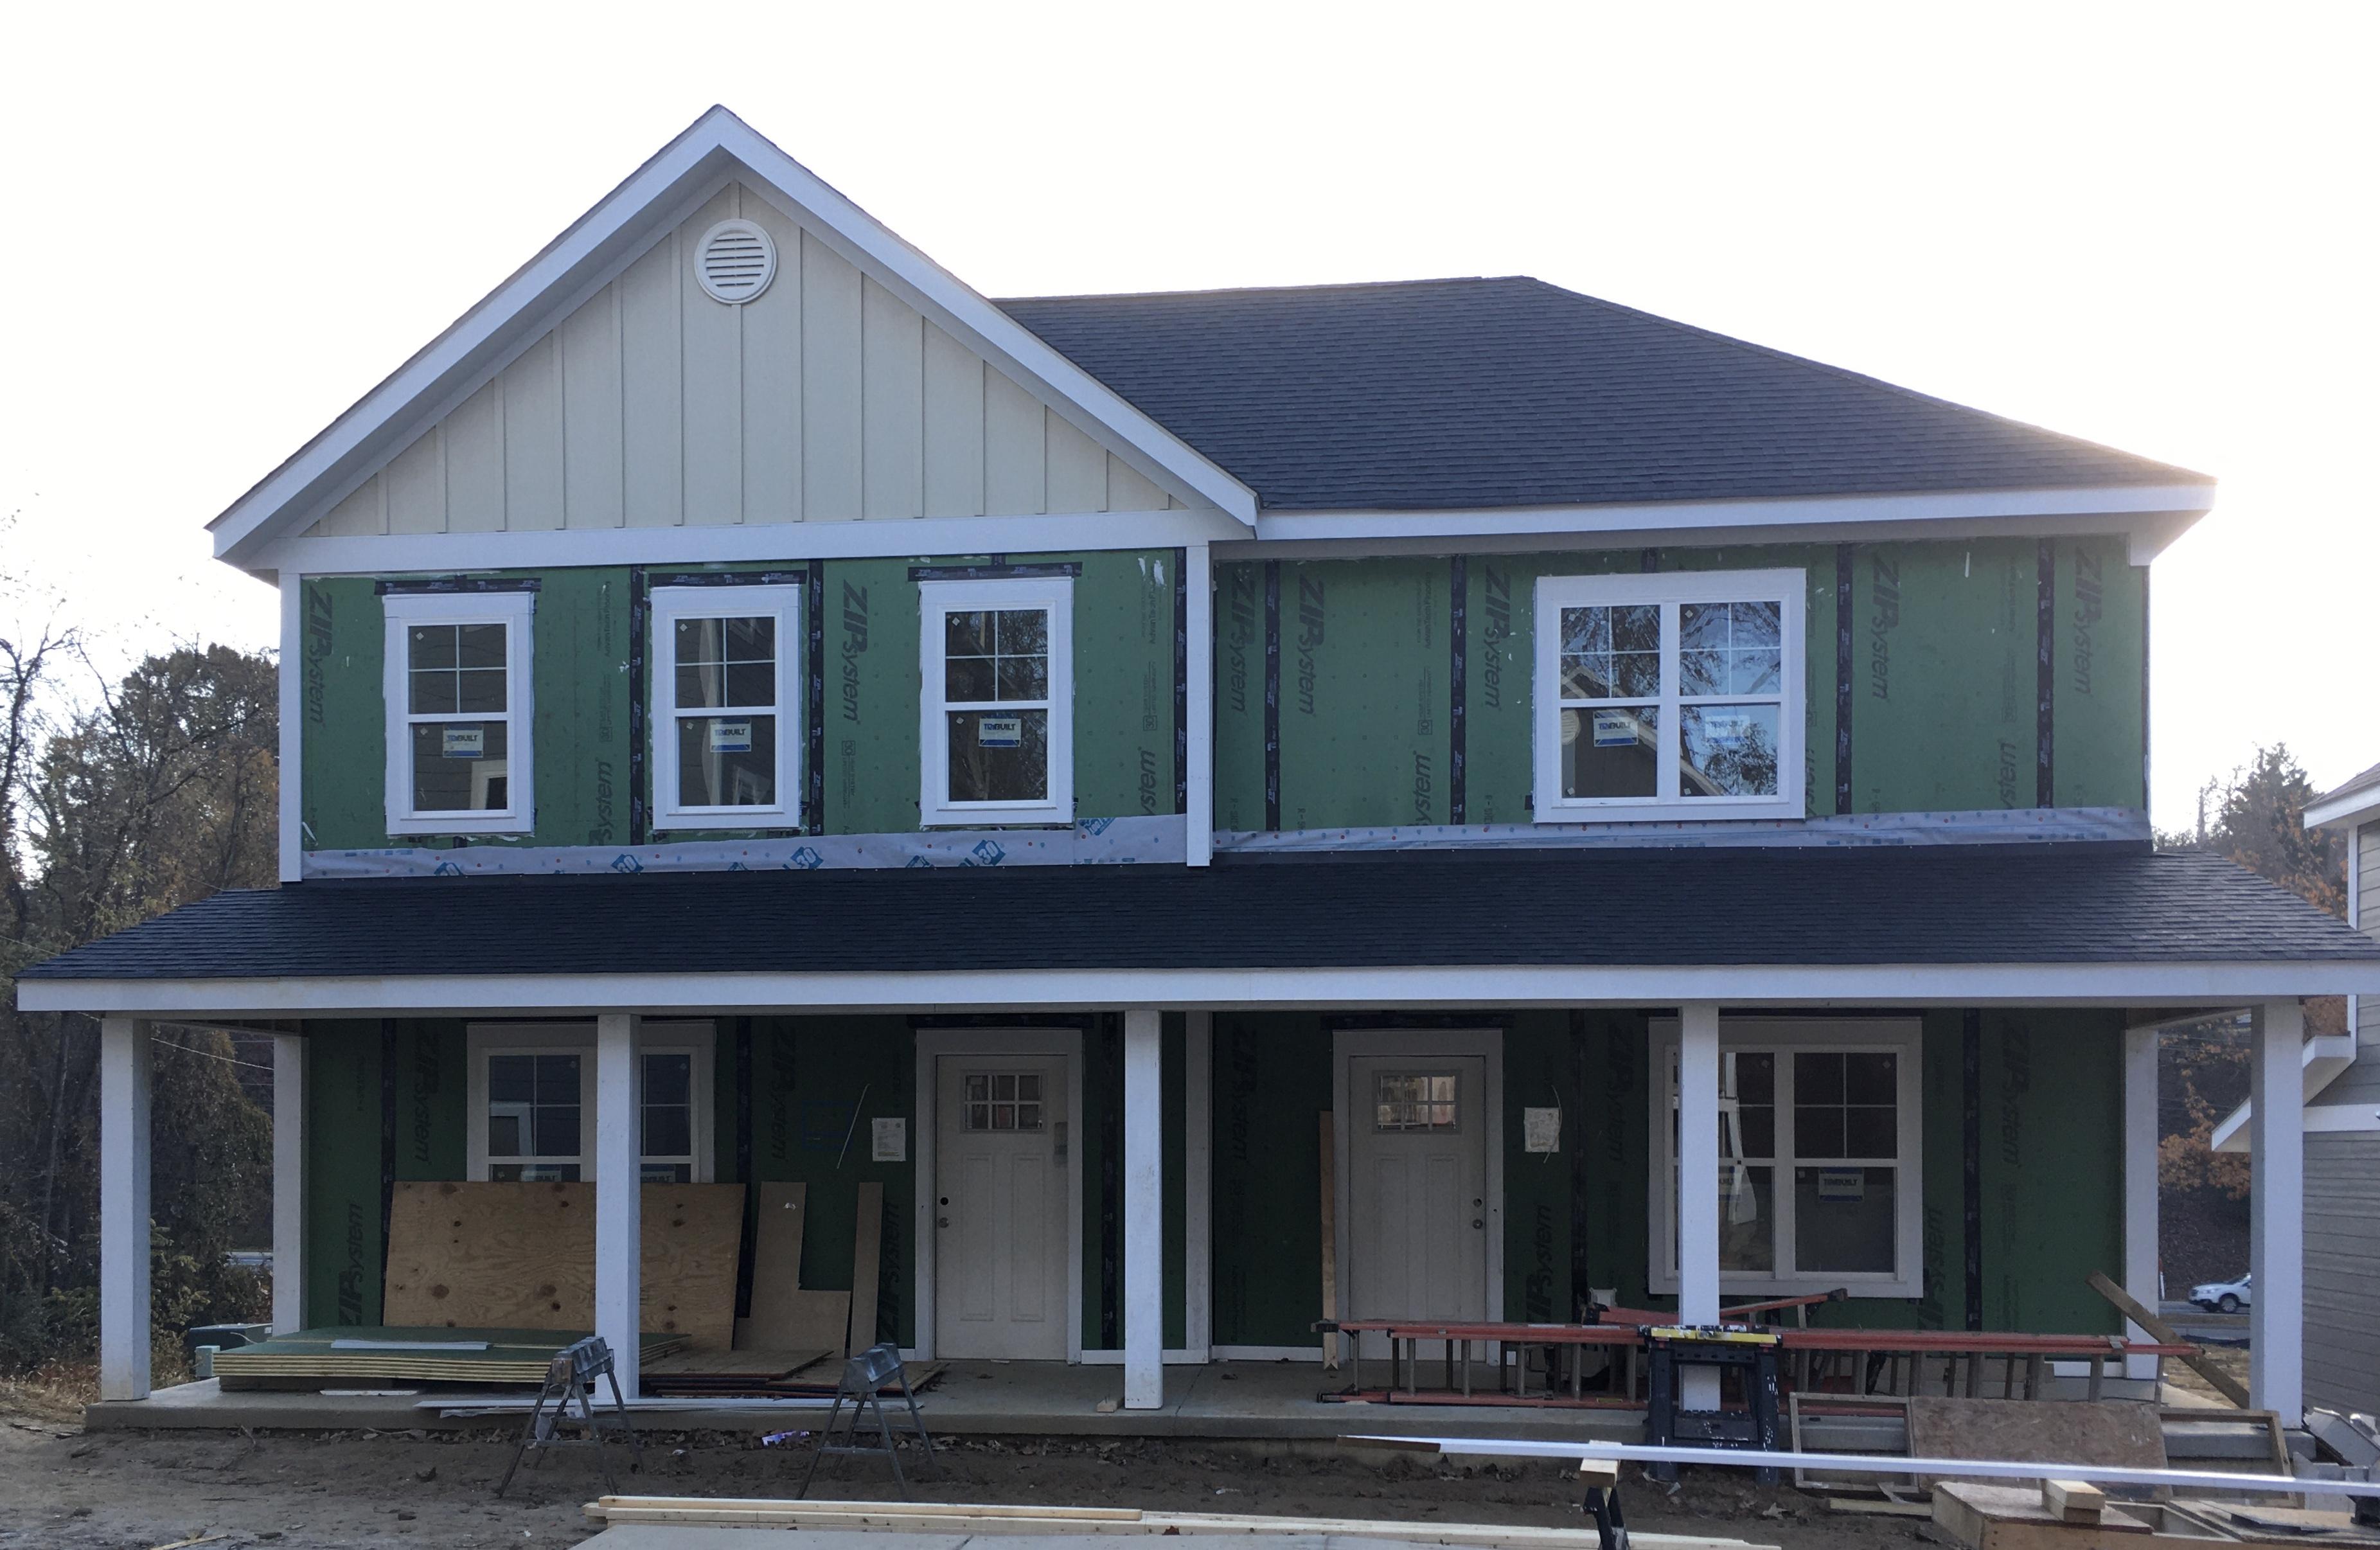 Homes 7 and 8 November